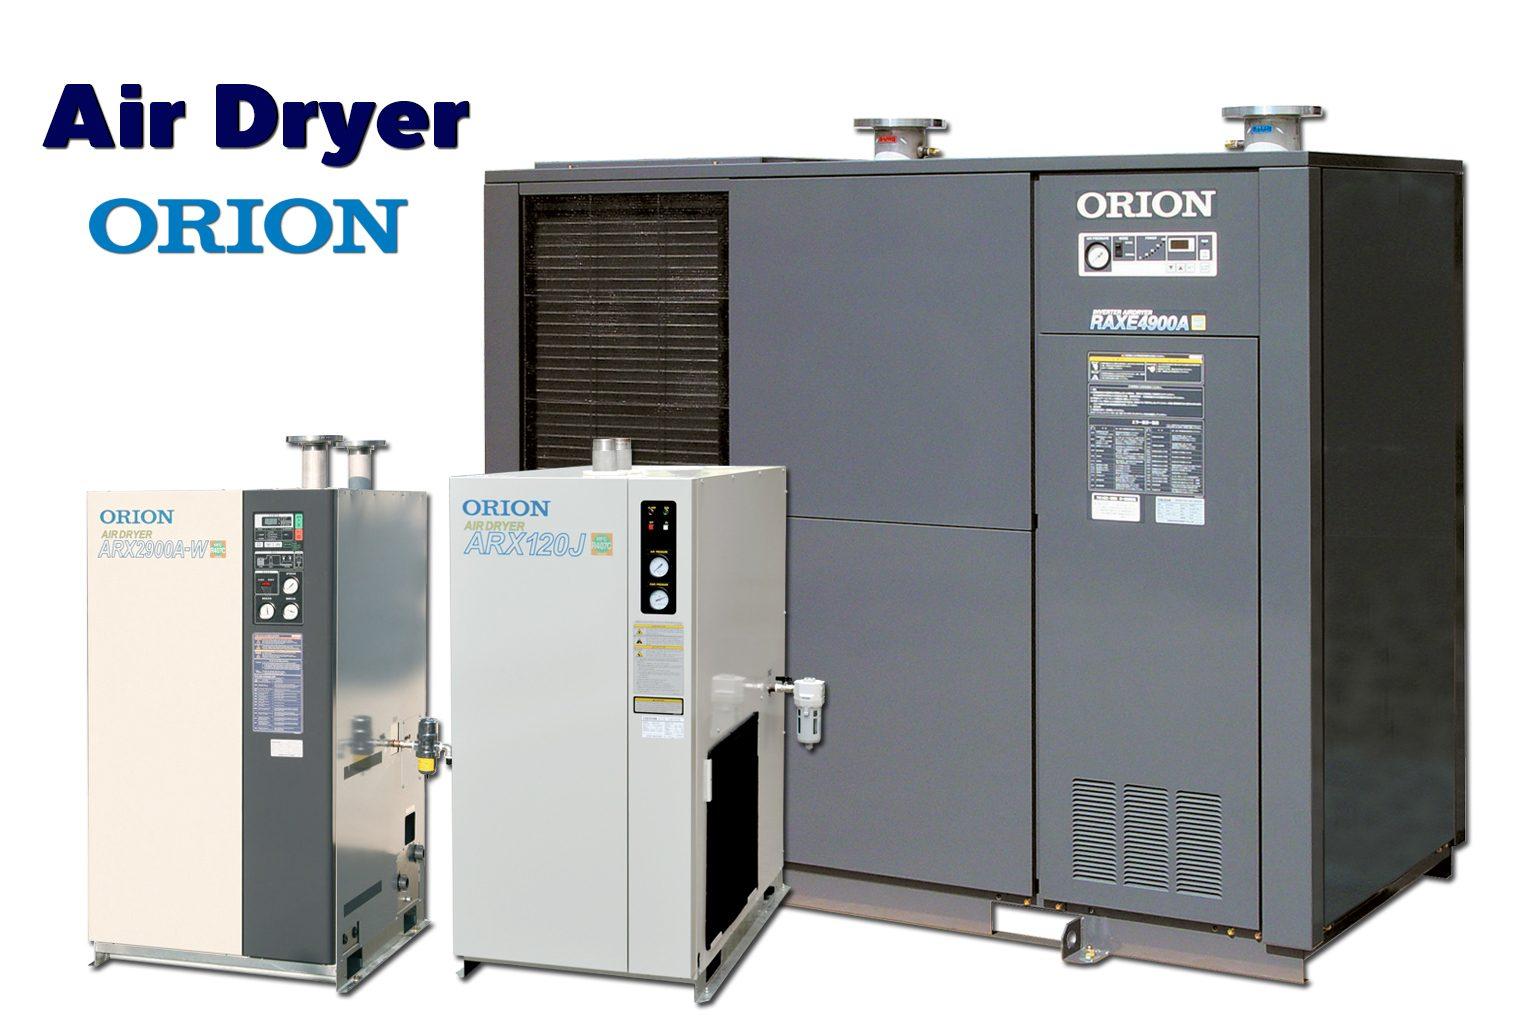 ORION Clean air